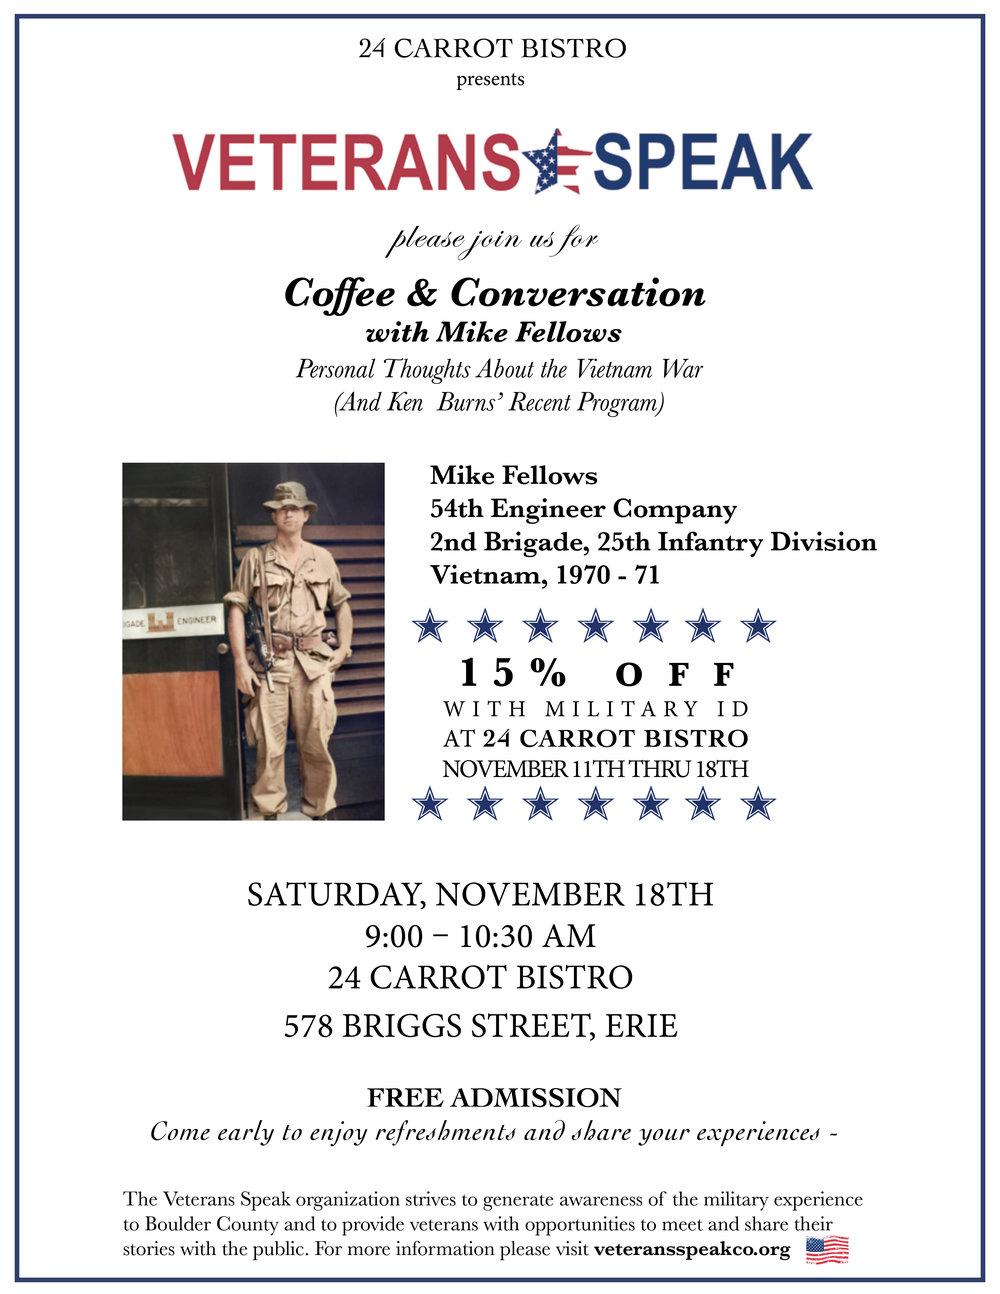 Veterans Speak Poster.jpg